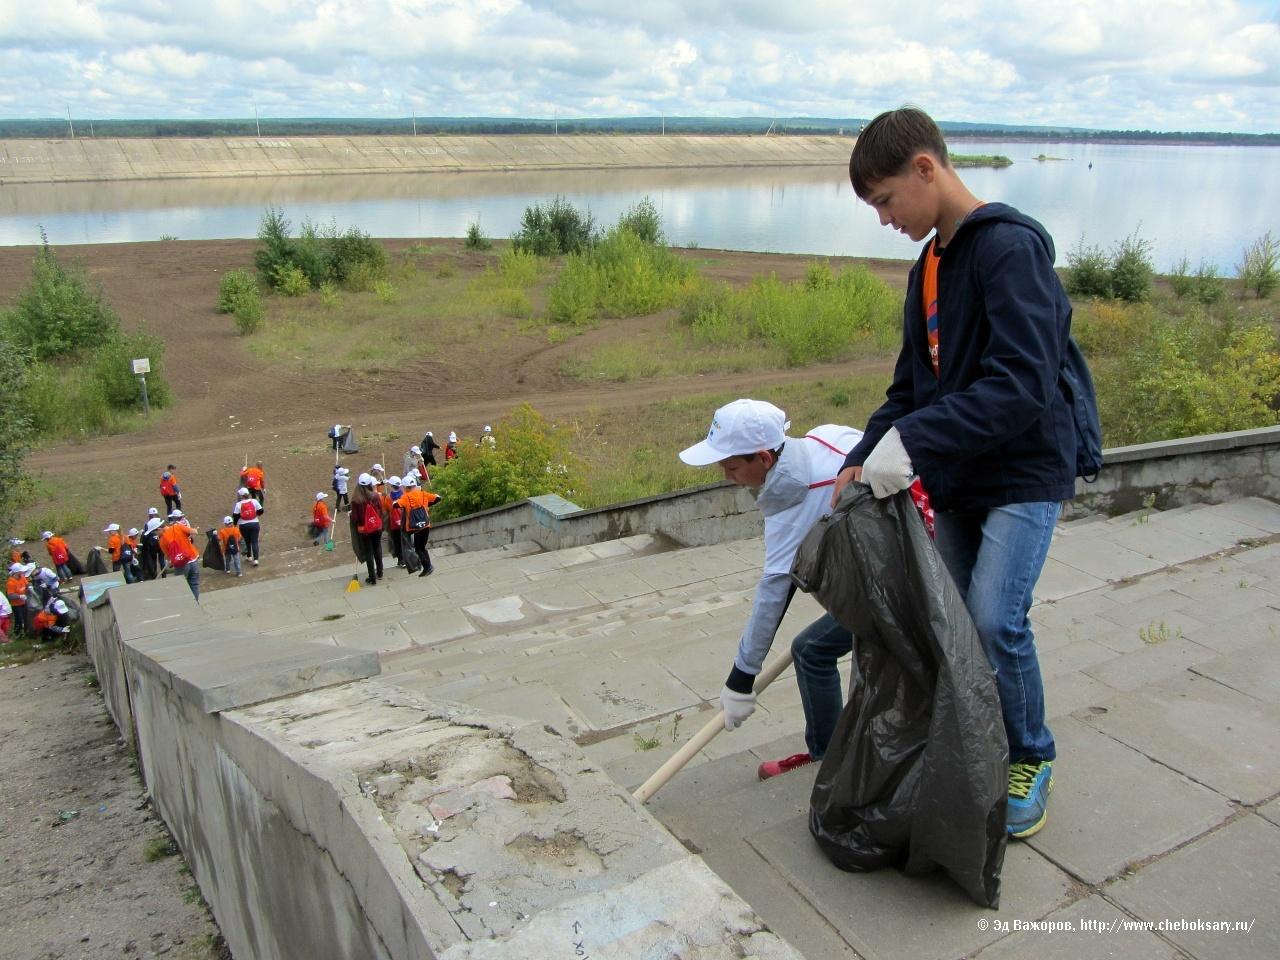 На новочебоксарской набережной в который раз дети убирали мусор, оставленный нерадивыми взрослыми